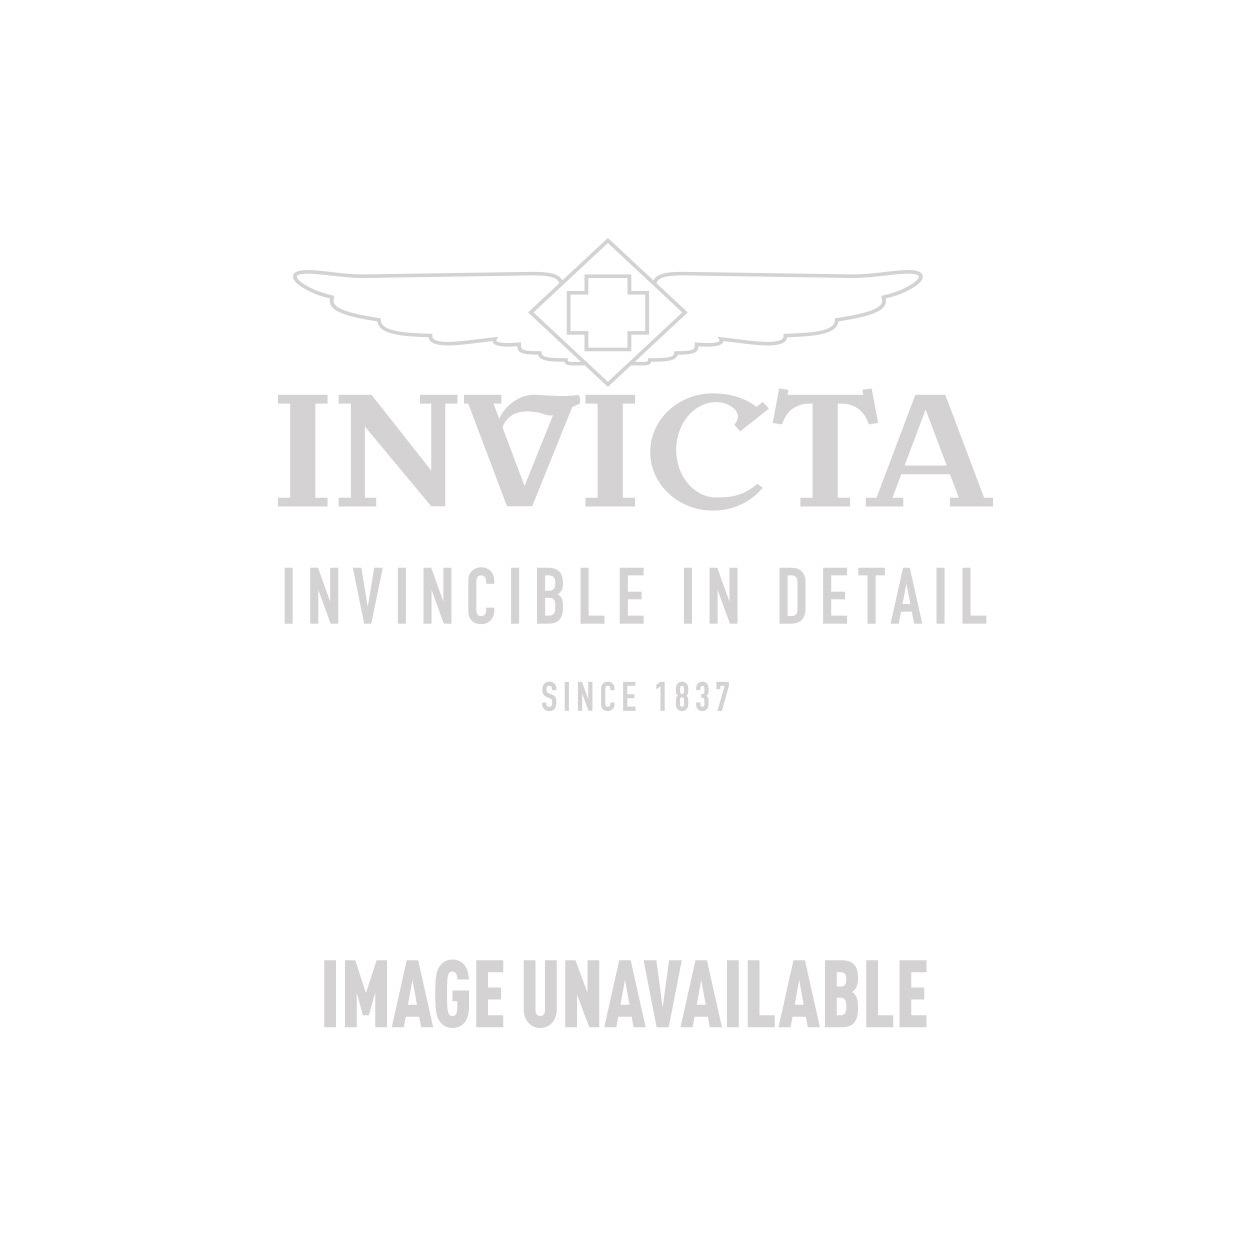 Invicta Model 29680